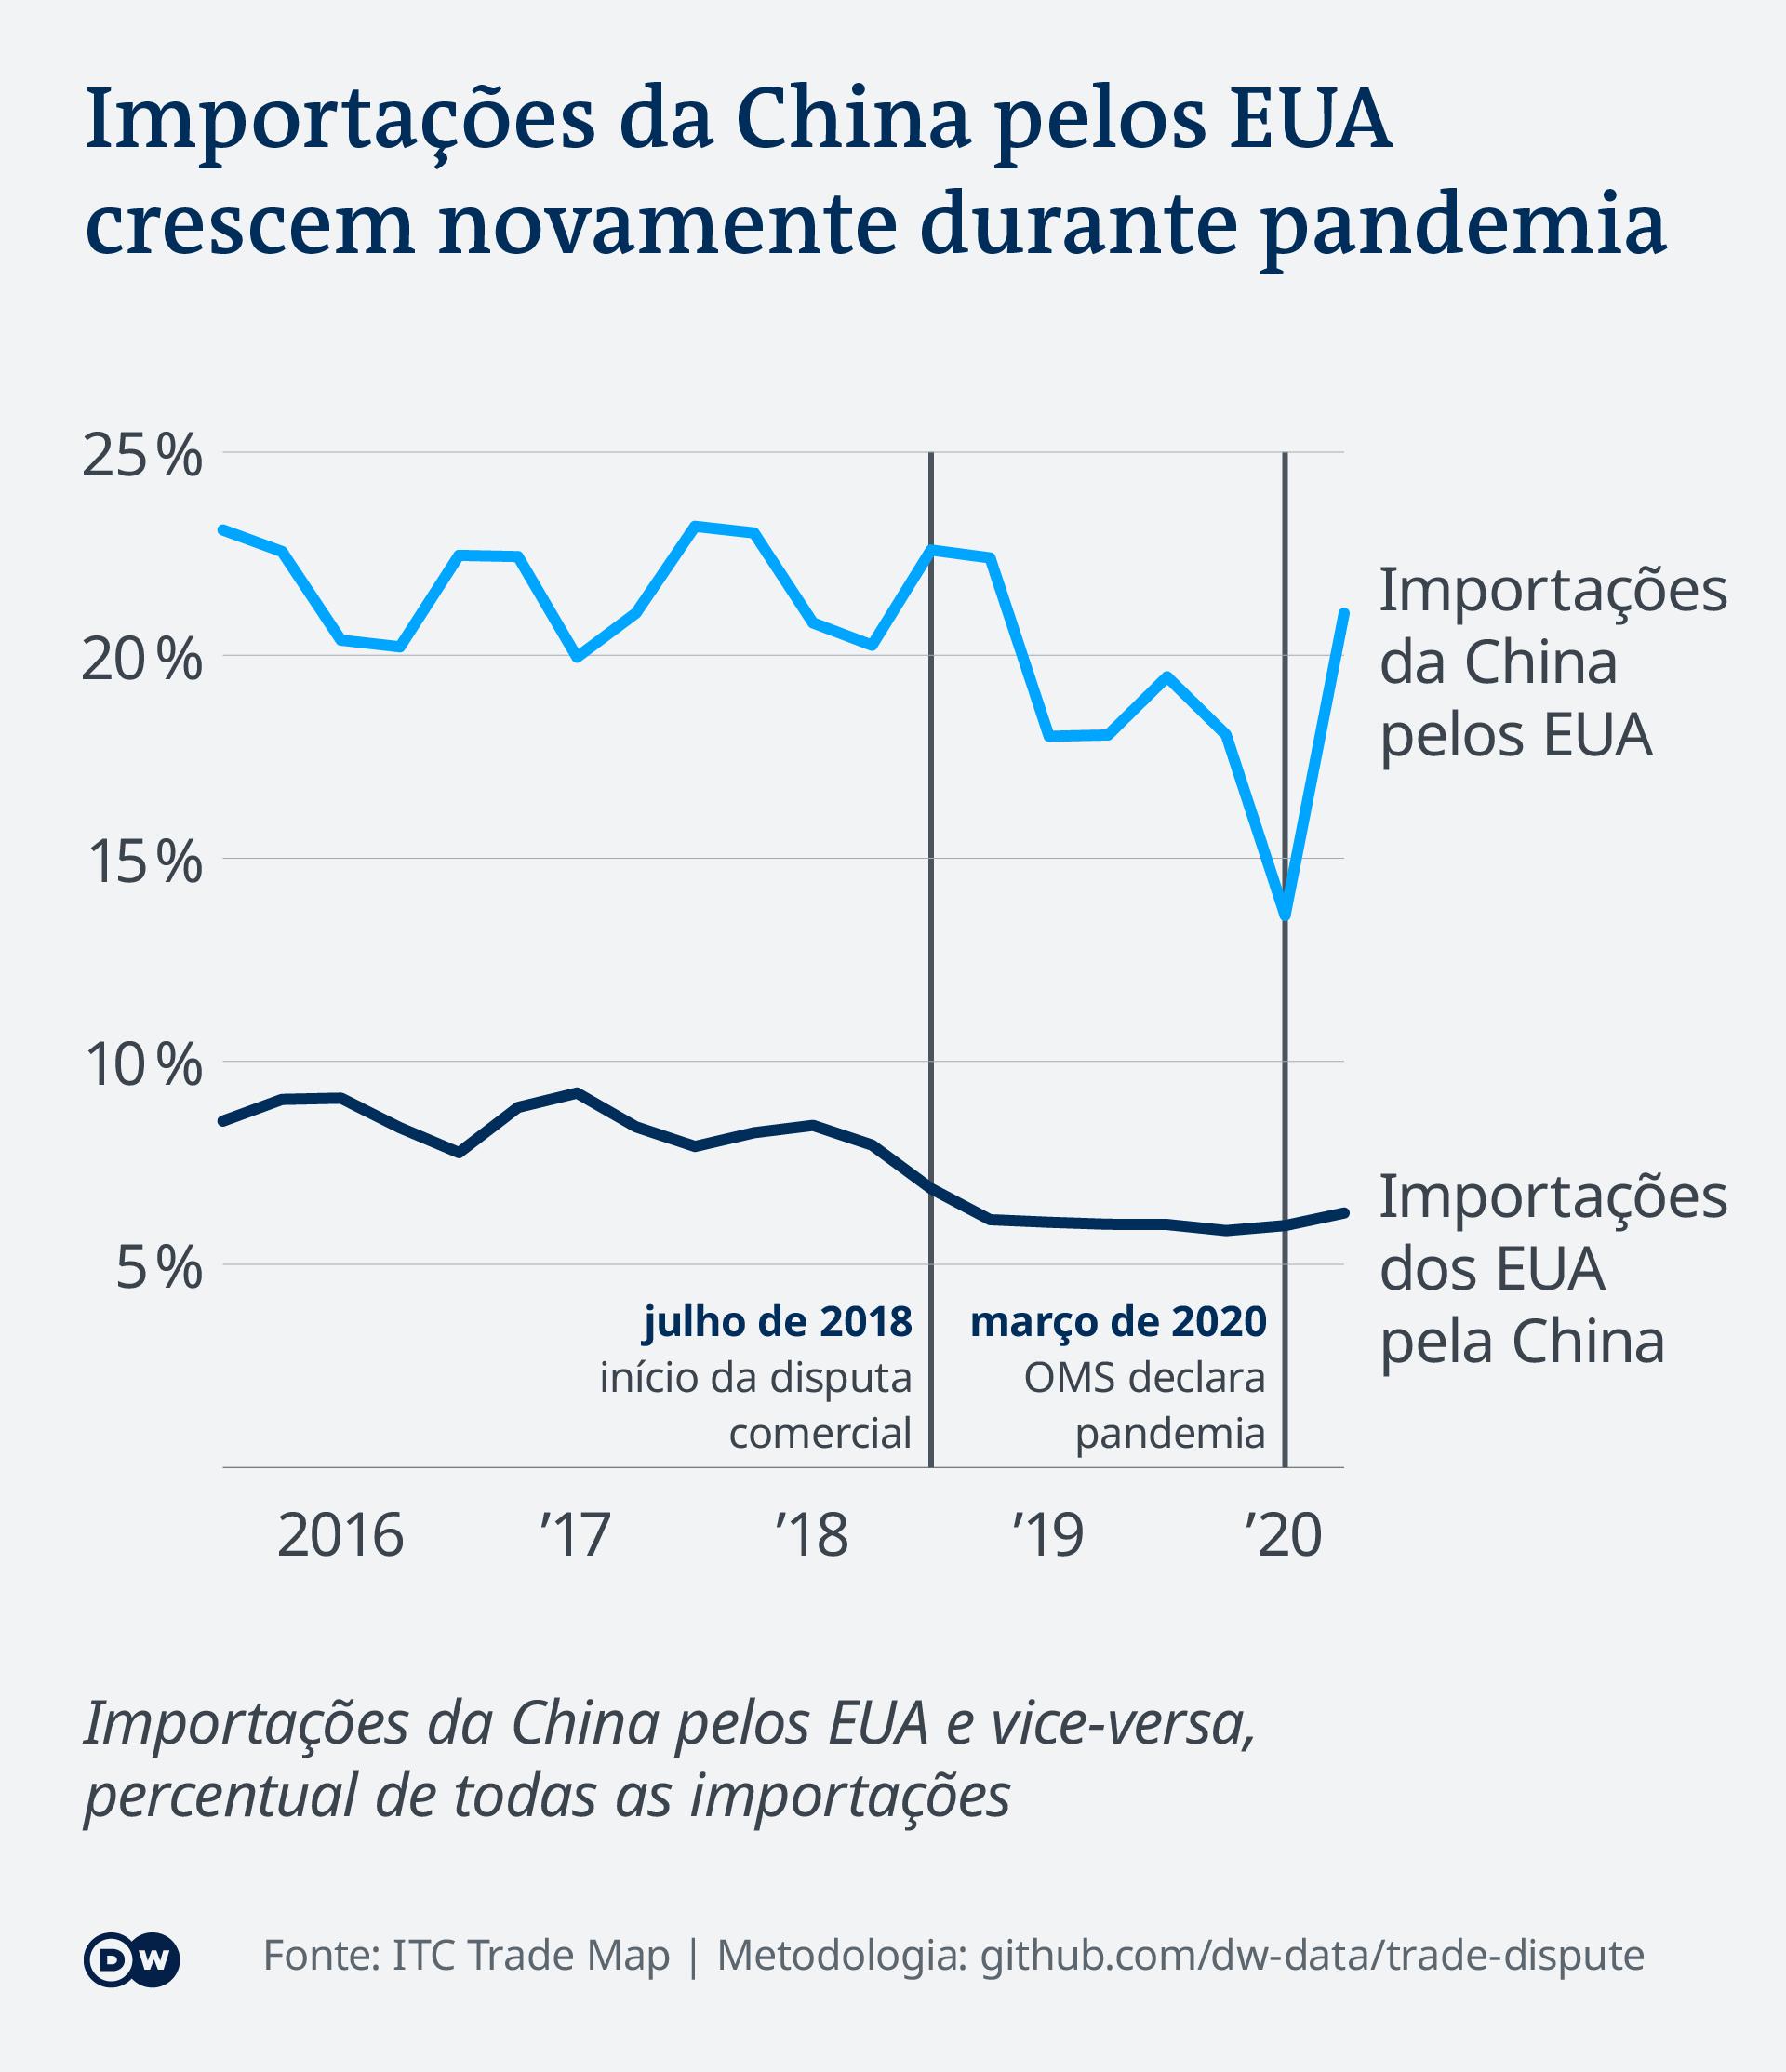 Gráfico: importações da China pelos EUA crescem novamente durante pandemia